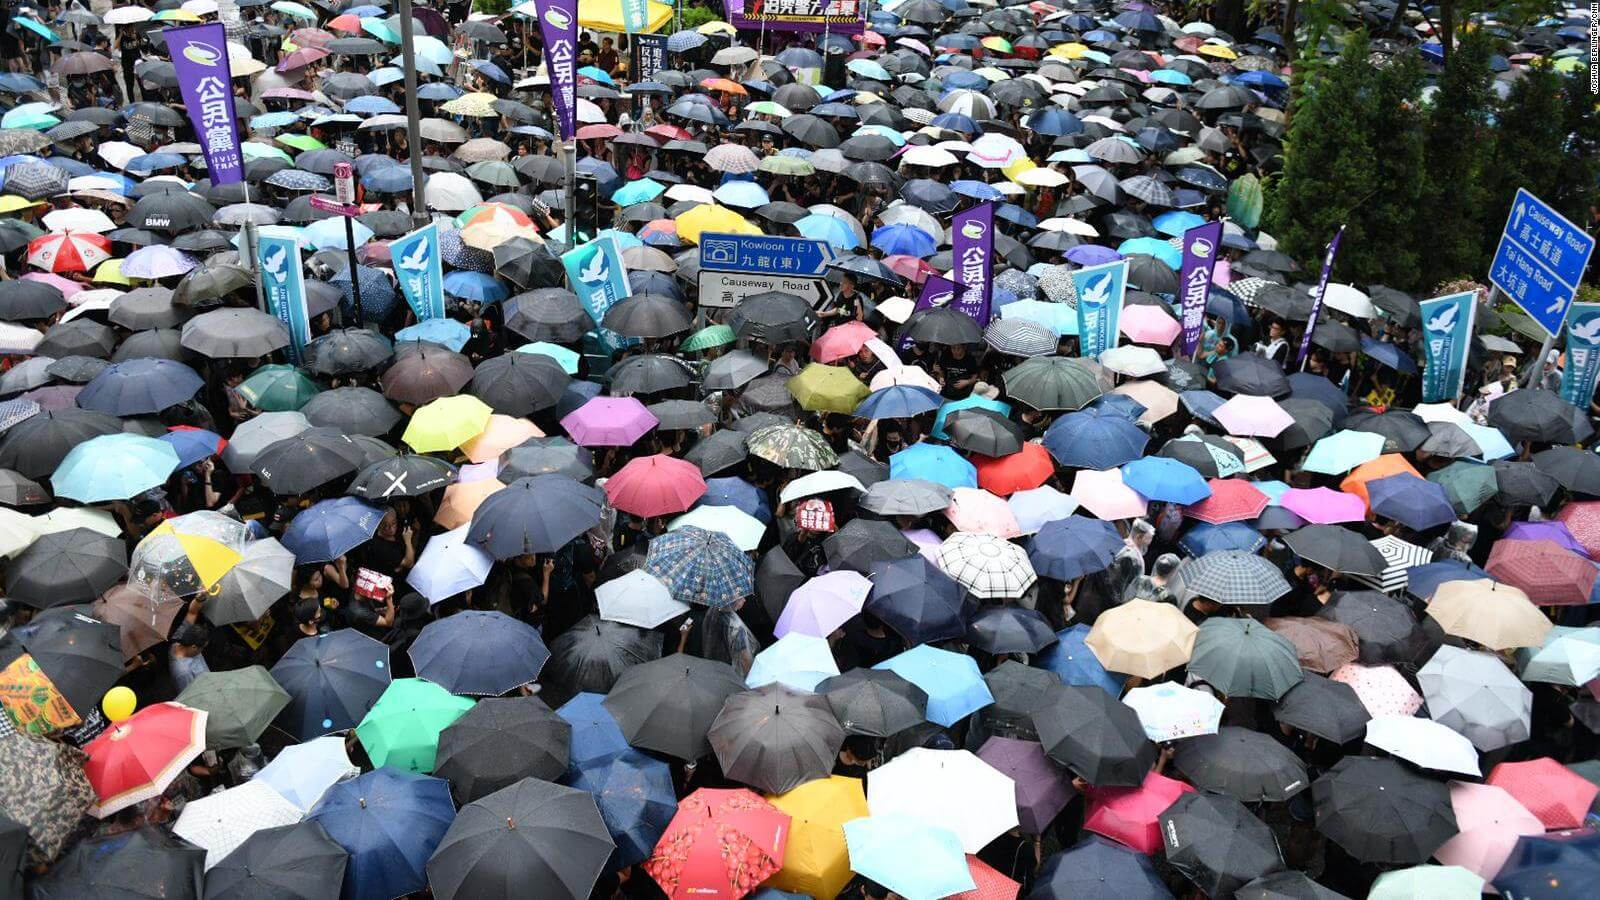 Наука неотделима от политики: почему мирные протесты эффективнее насильственных?